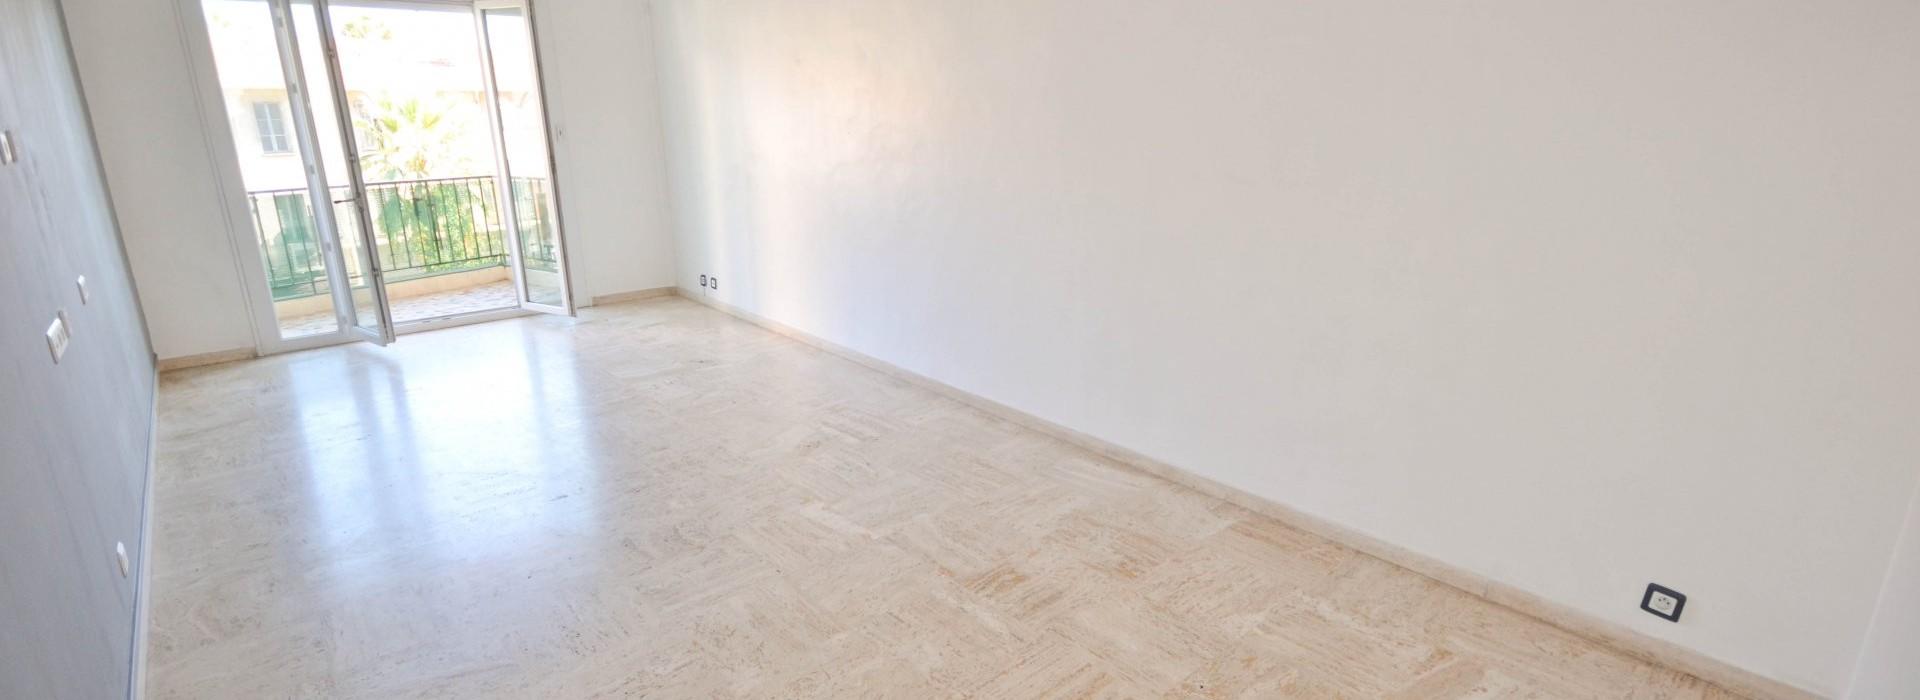 Appartement Nice 3 Pièces 74m2 269,000€